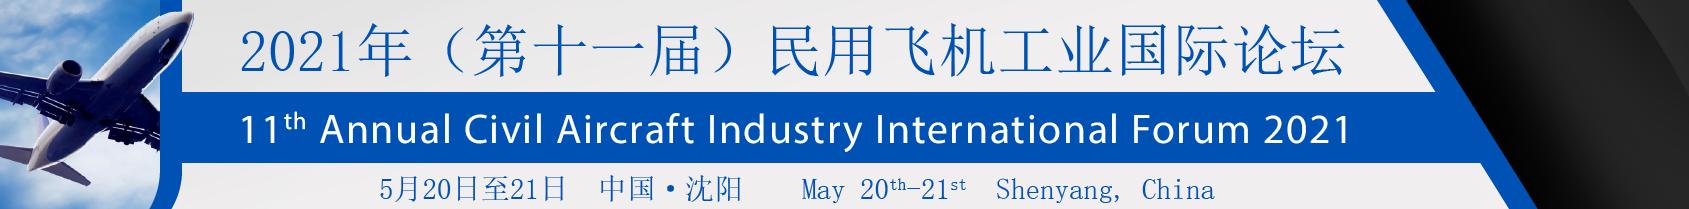 2021第十一屆民用飛機工業國際論壇